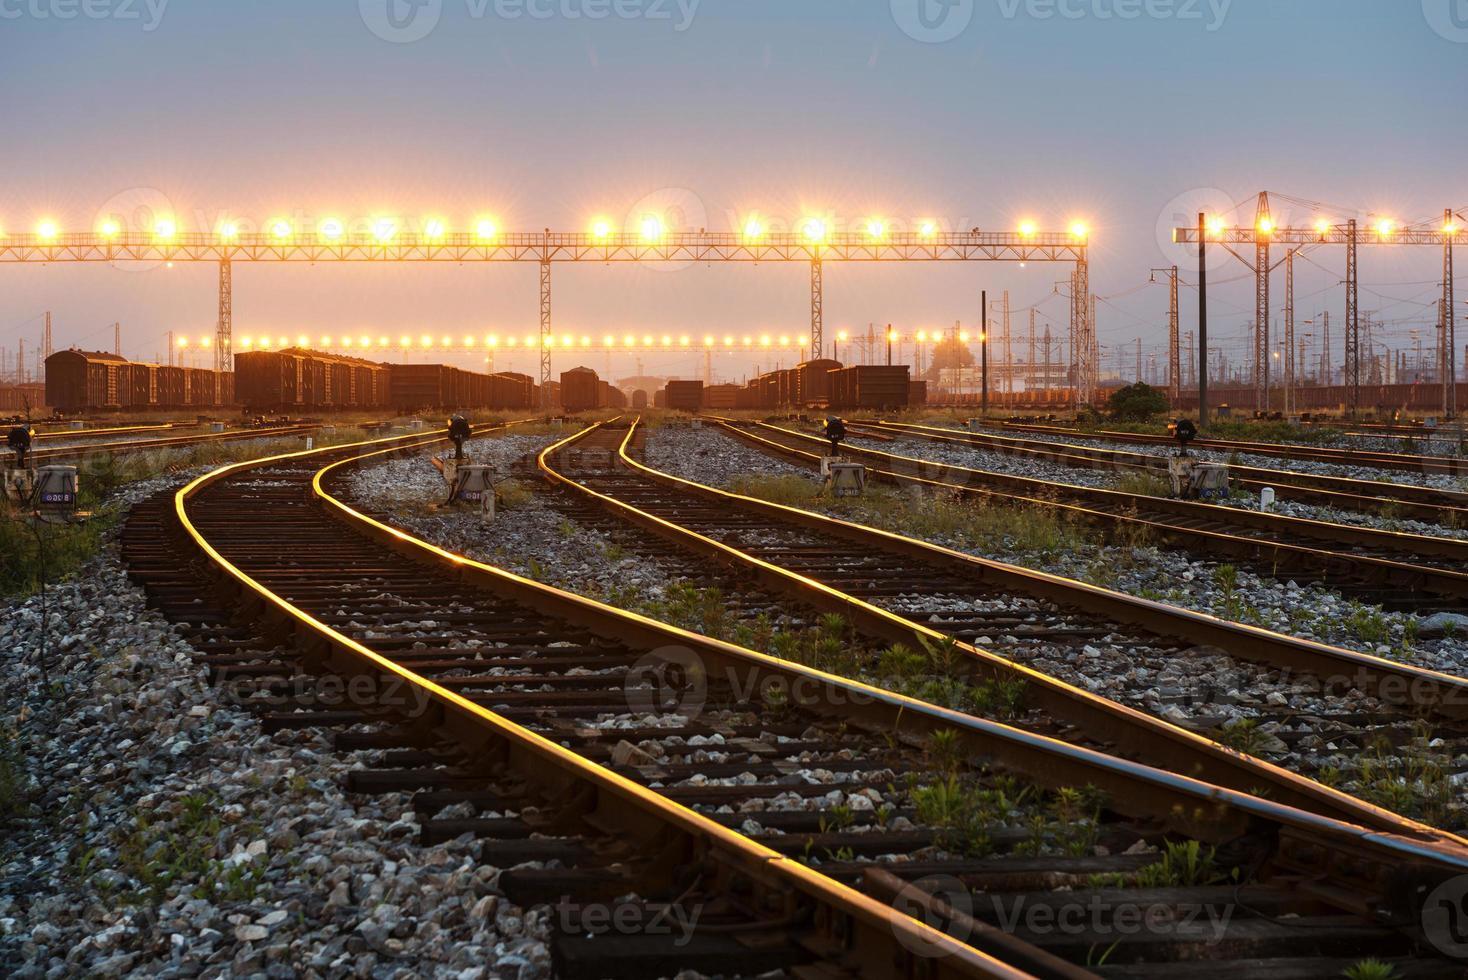 der Weg vorwärts Eisenbahn foto